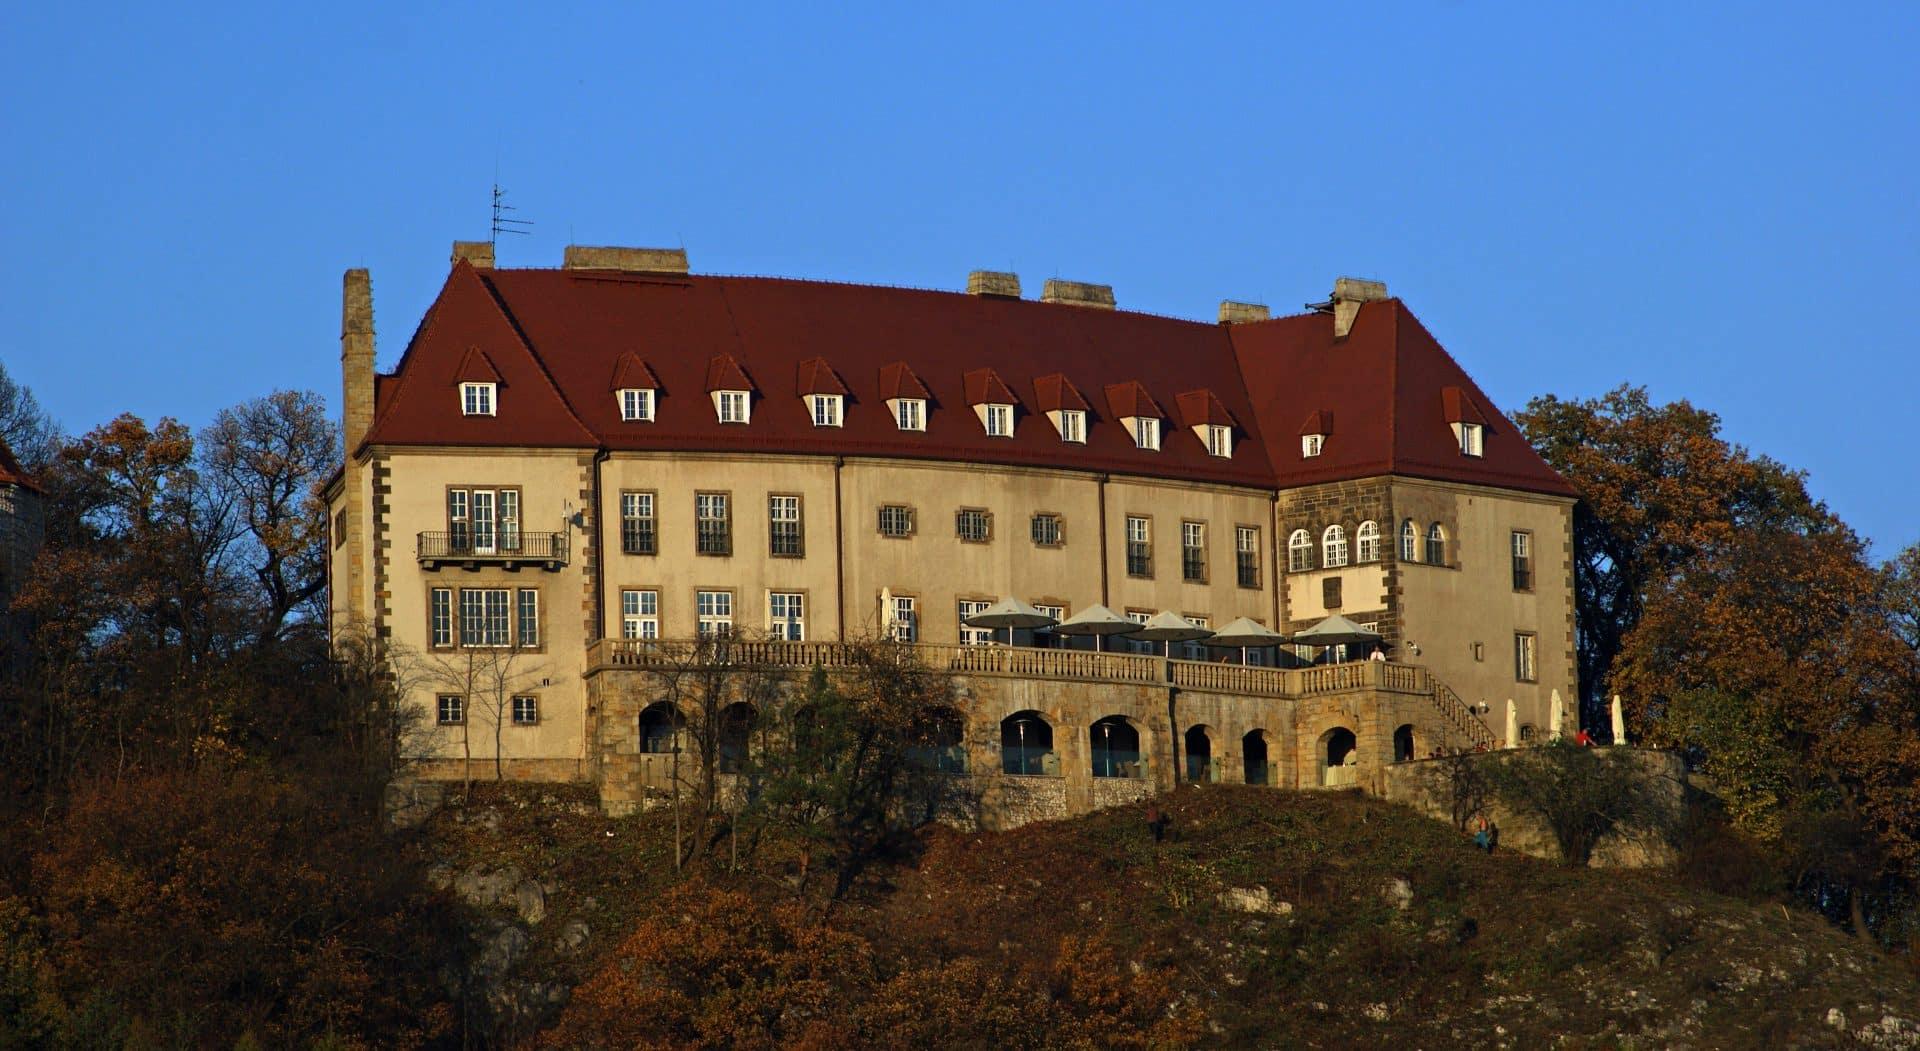 """Schloss Wartenberg w Przegorzałach. Dziś mieści się tam restauracja """"U Ziyada"""" oraz pomieszczenia Uniwersytetu Jagiellońskiego. Fot. Zygmunt Put/Wikimedia. Przegorzały."""